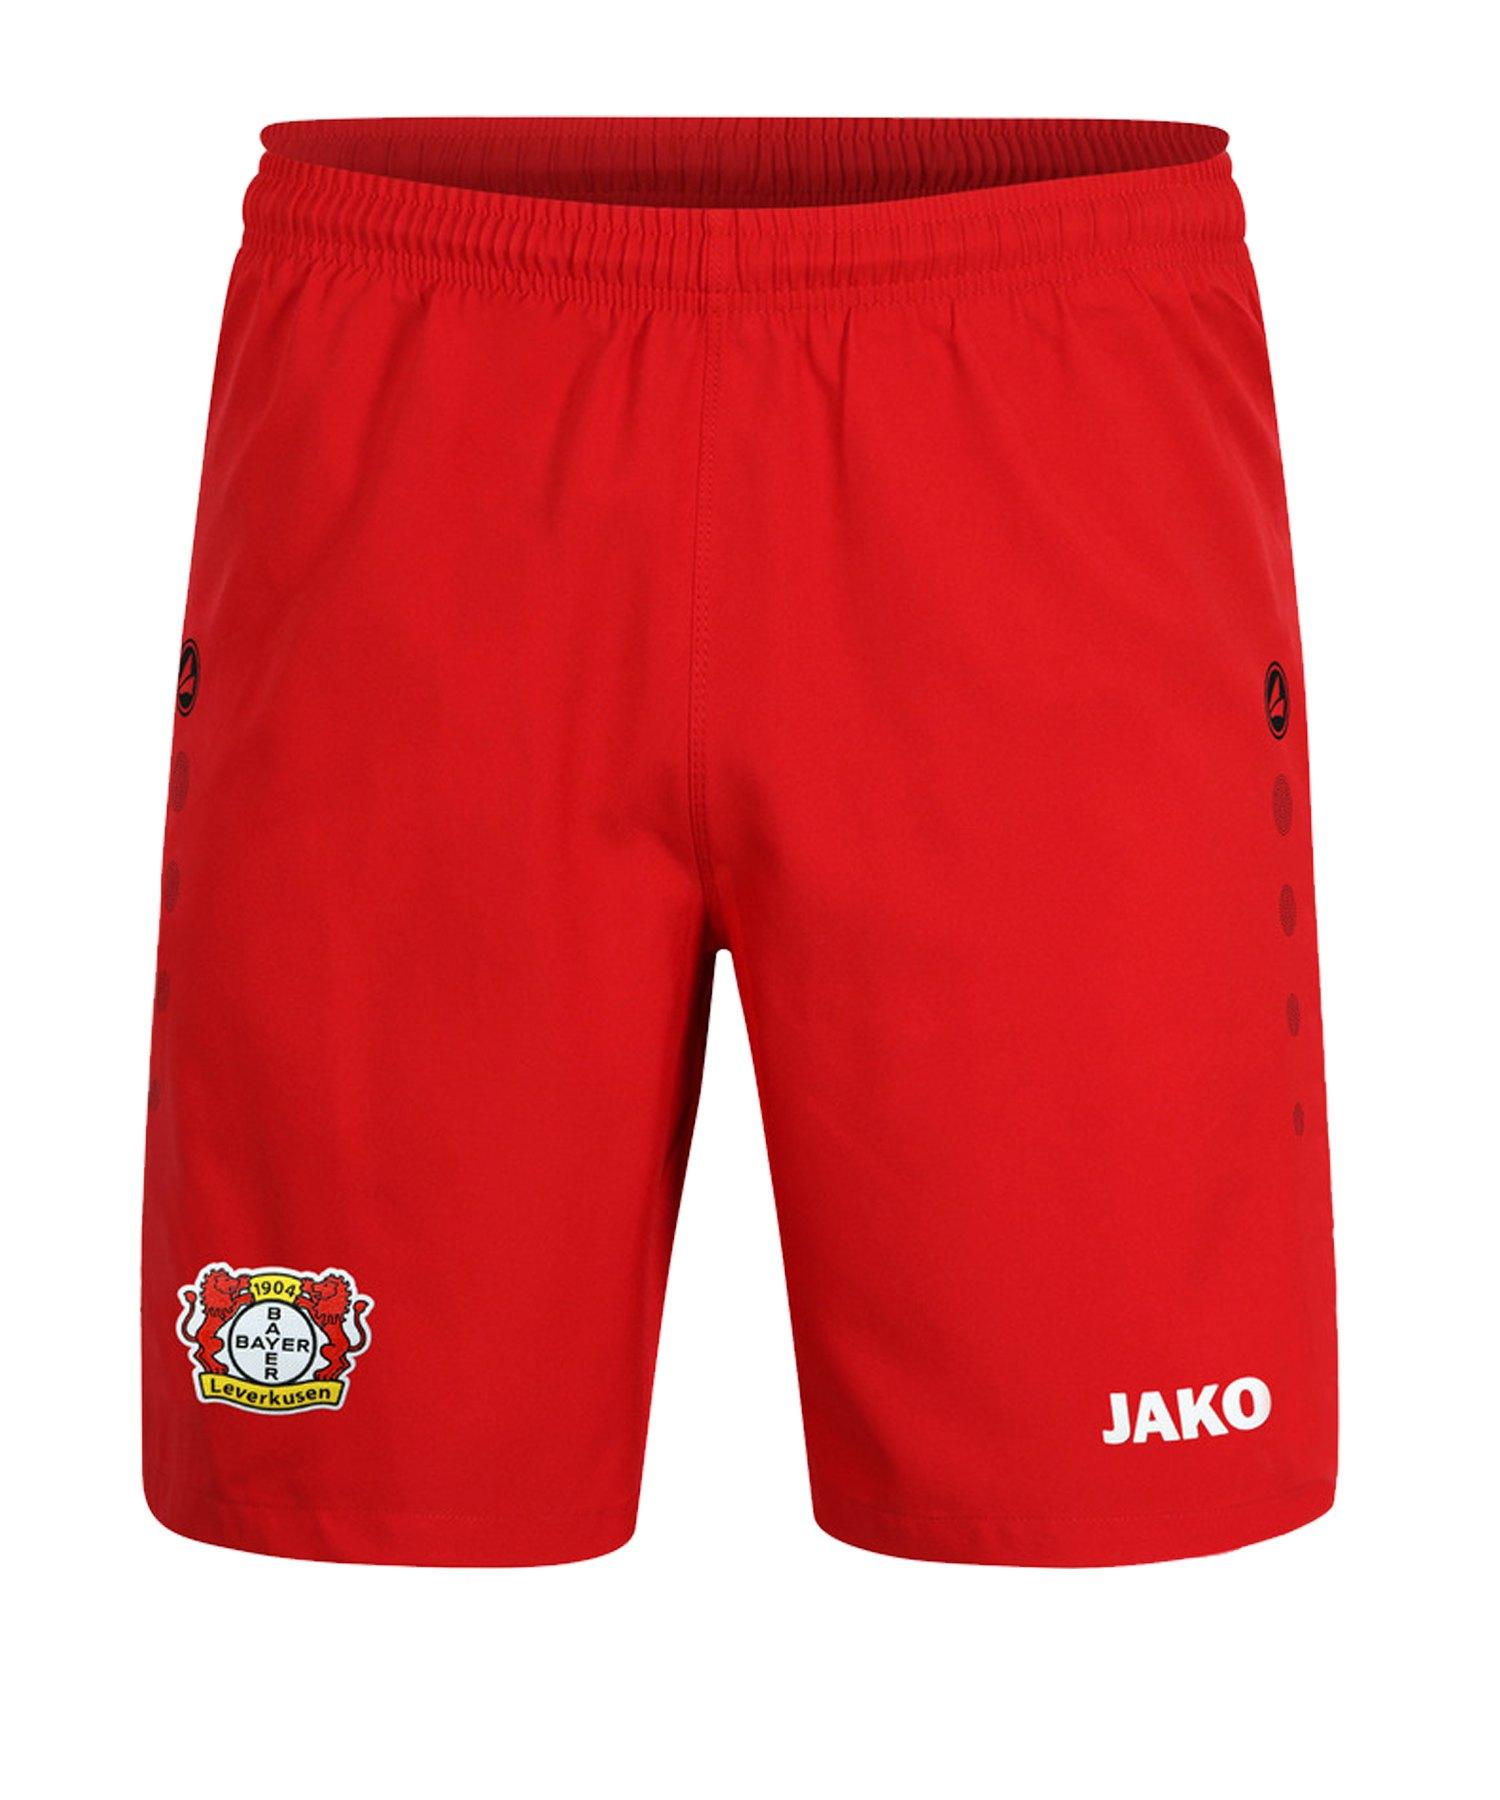 Jako Bayer 04 Leverkusen Short Home 2019/2020 Rot F01 - rot